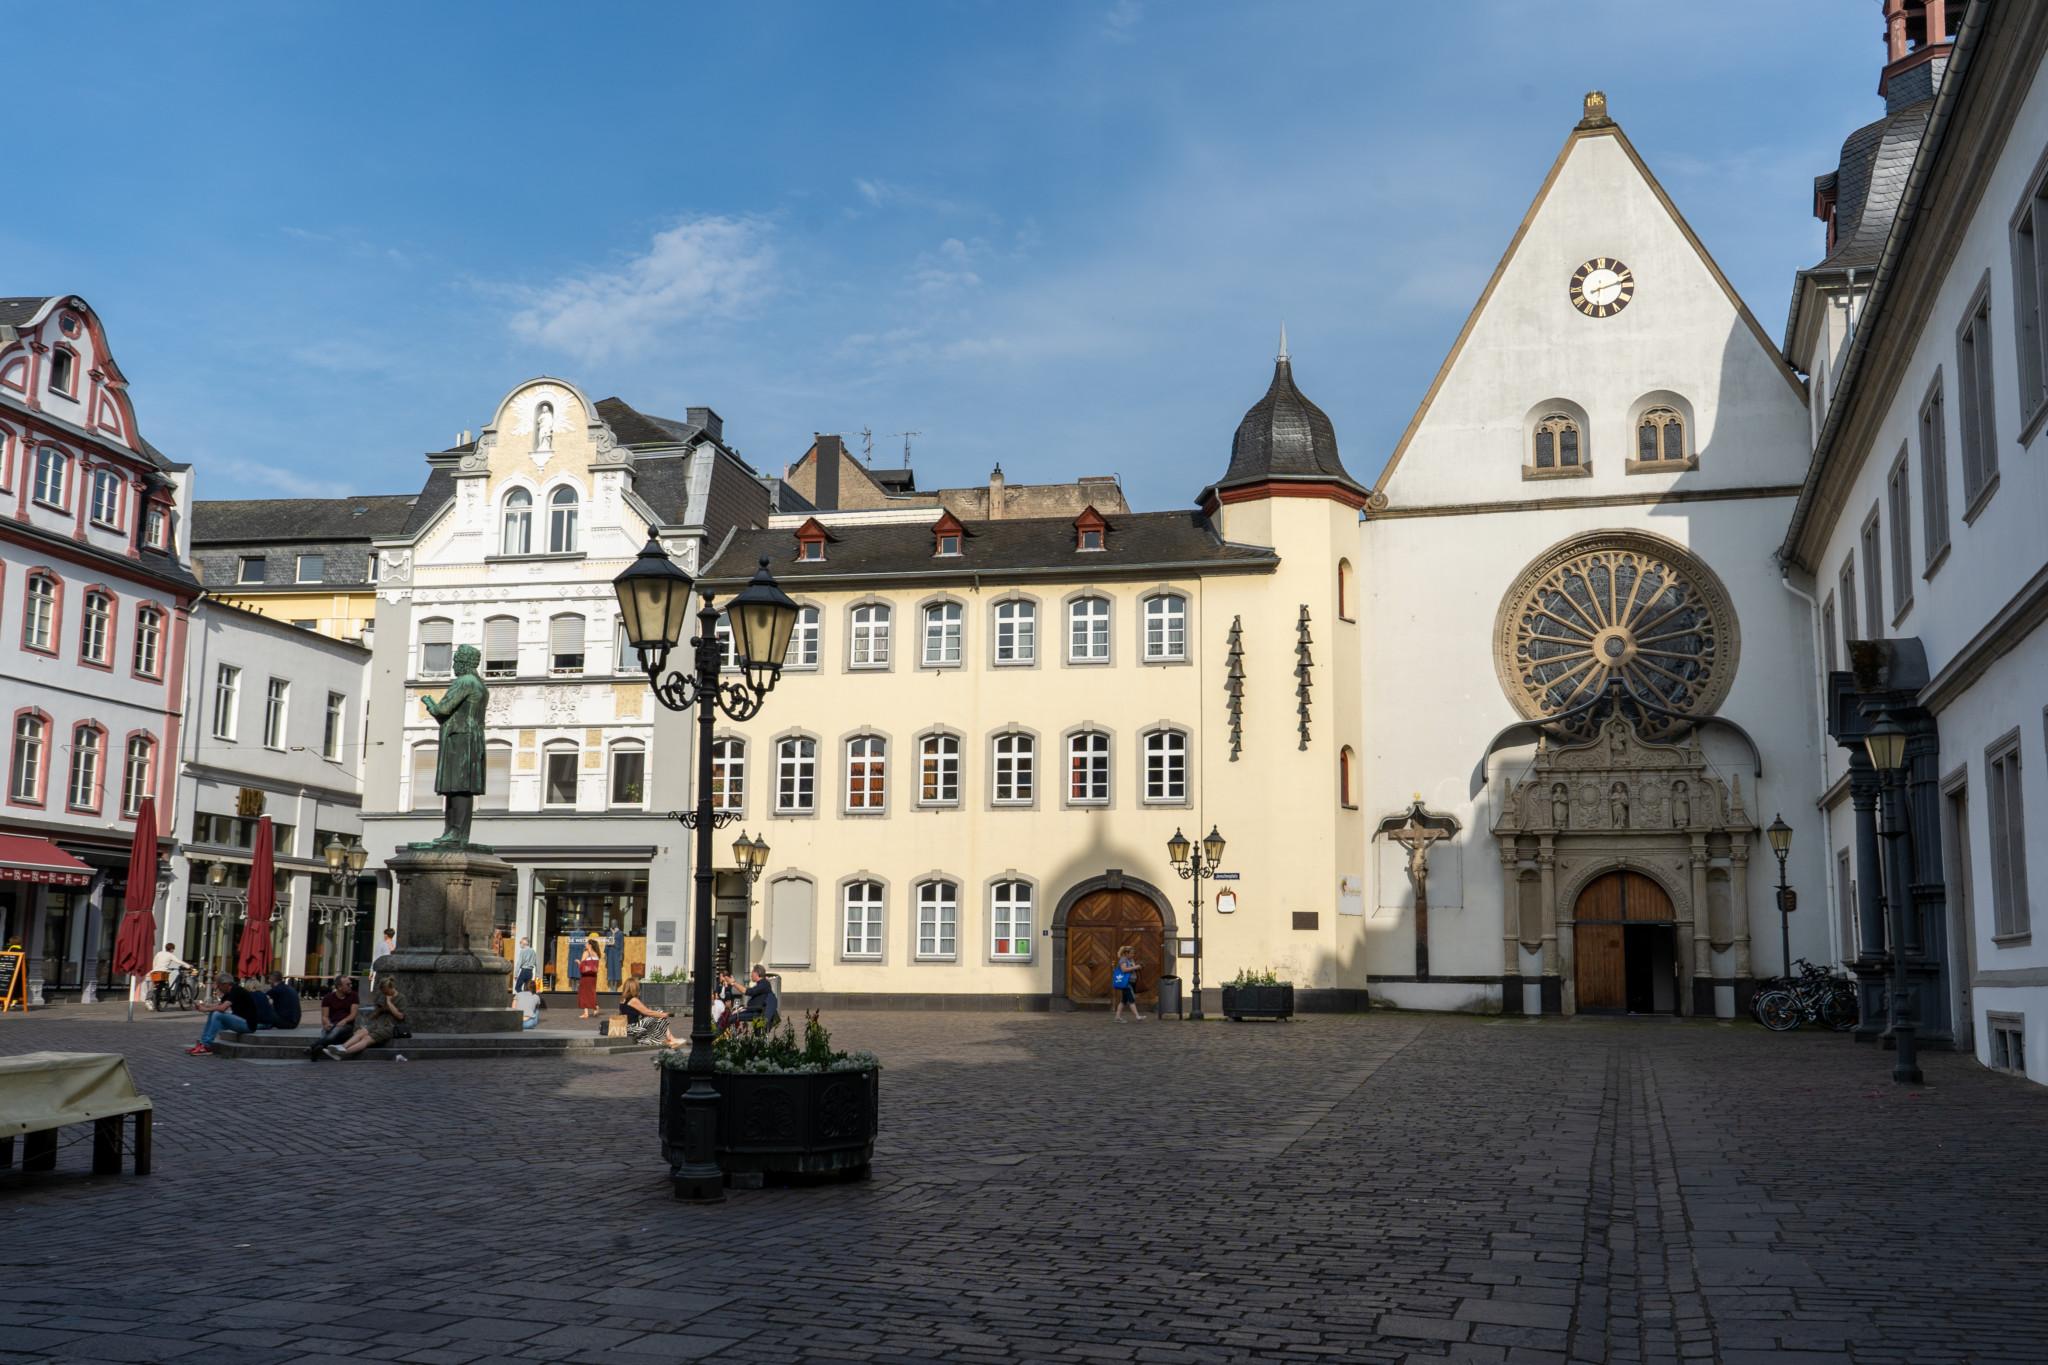 Für uns ein wichtiger Koblenz Tipp: Aperol auf dem Jesuitenplatz